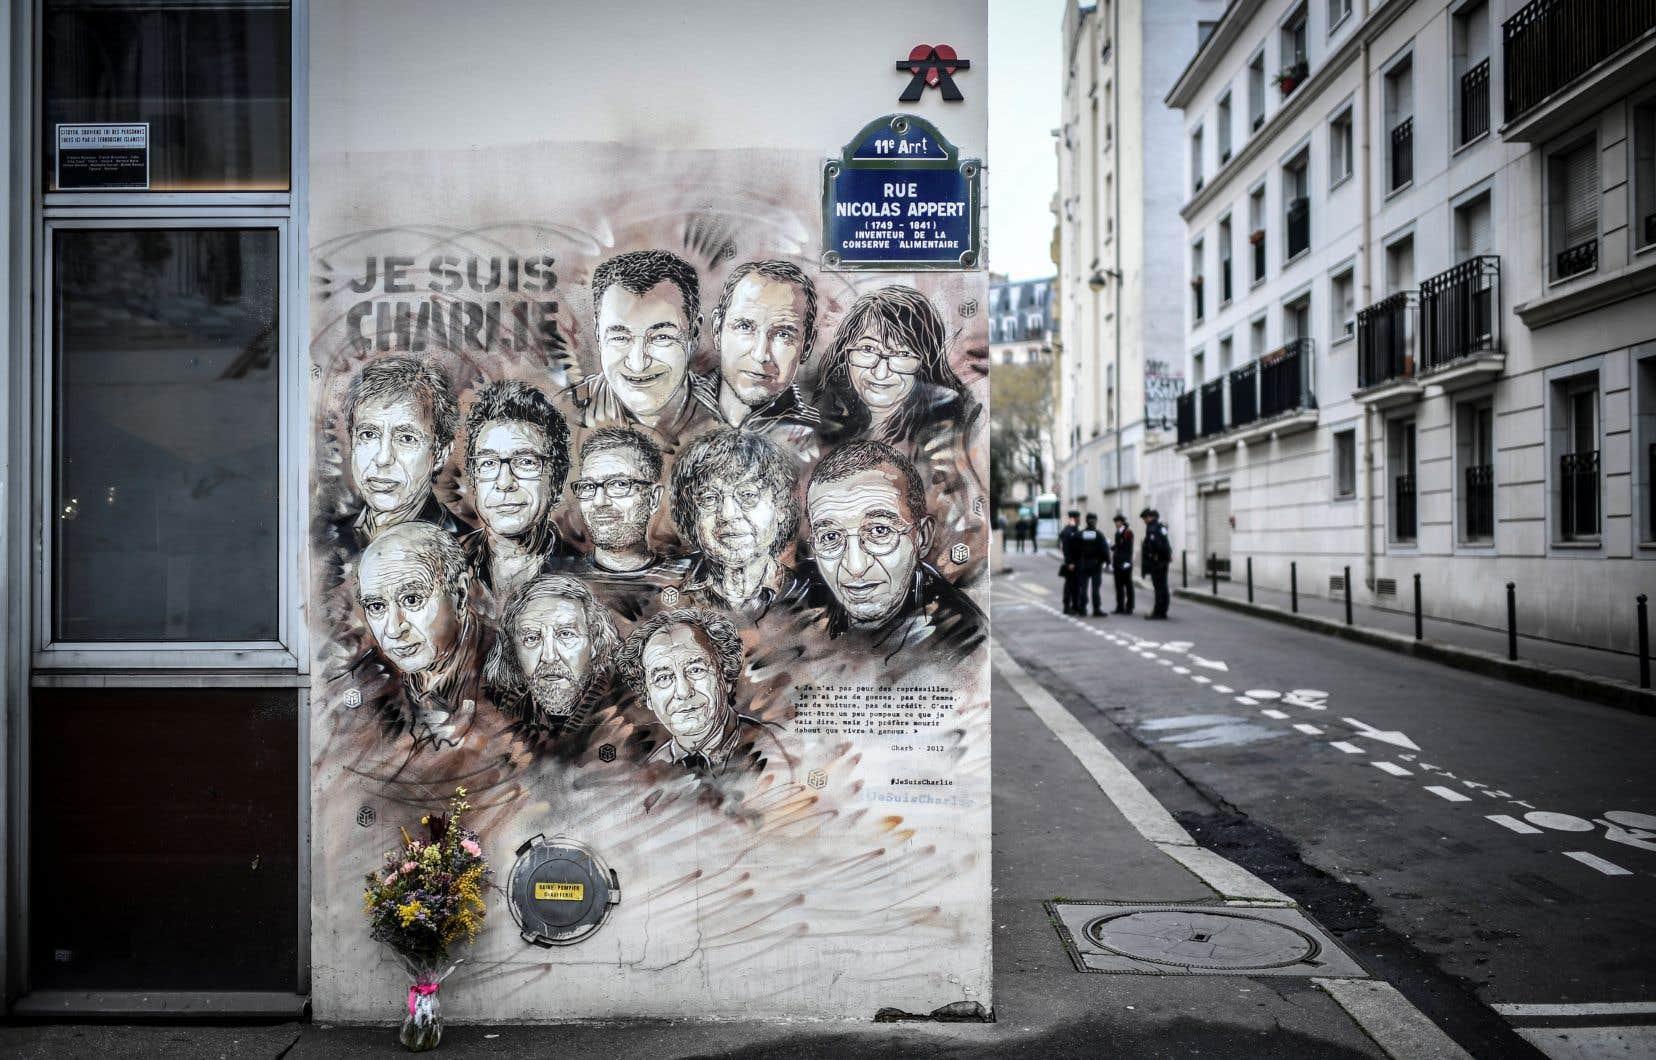 L'attaque a eu lieu devant l'agence de presse Premières Lignes dont l'immeuble, situé dans l'Est parisien, est le même que celui qui abritait les locaux de <i>Charlie Hebdo</i>, lorsque la rédaction avait été visée par un attentat meurtrier en 2015.